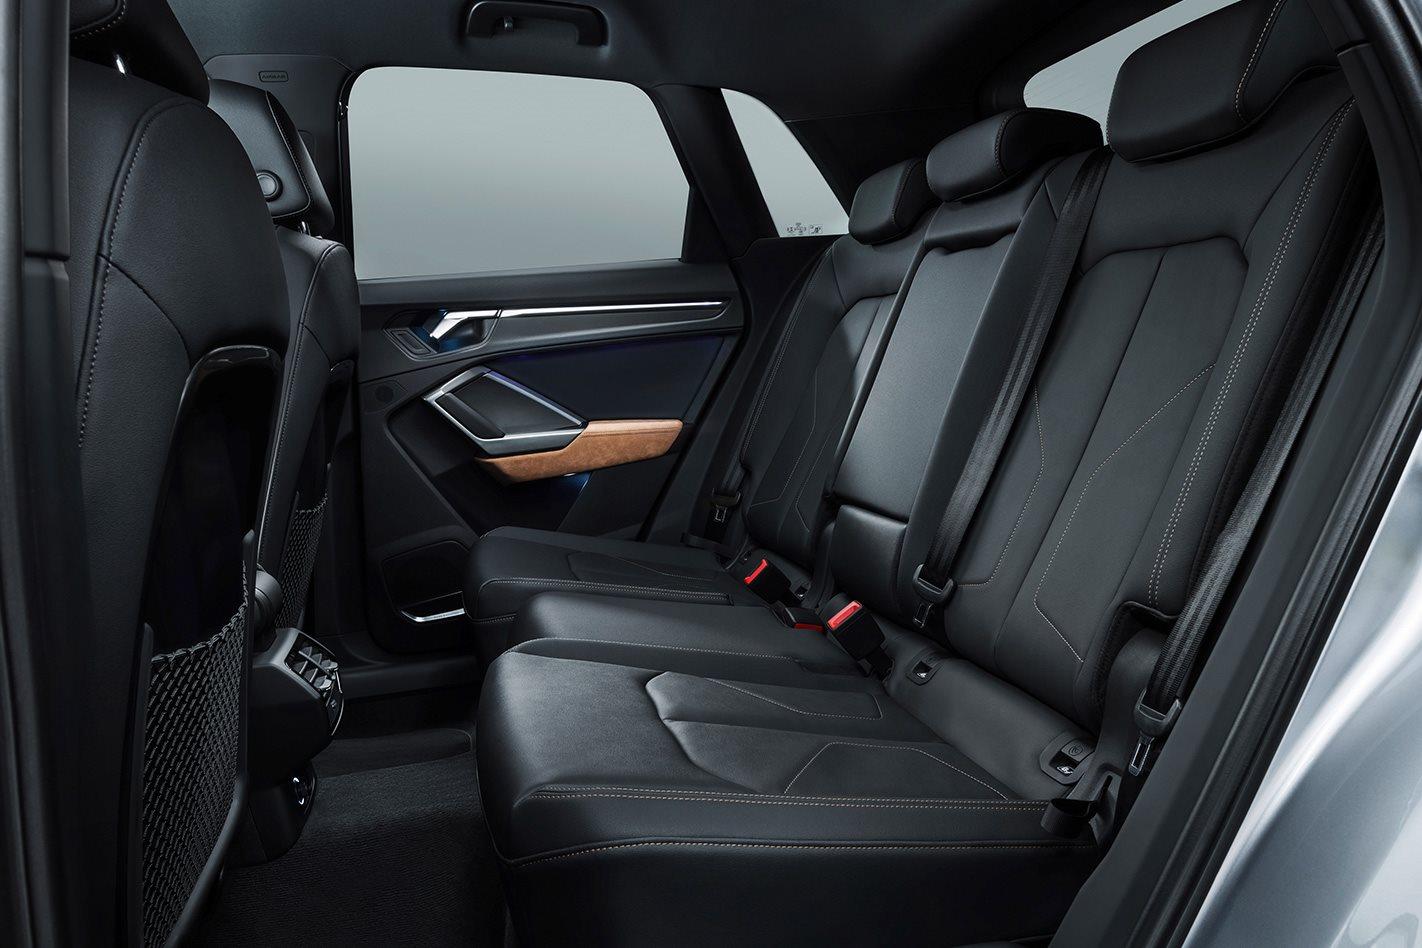 2019 Audi Q3 Unveiled